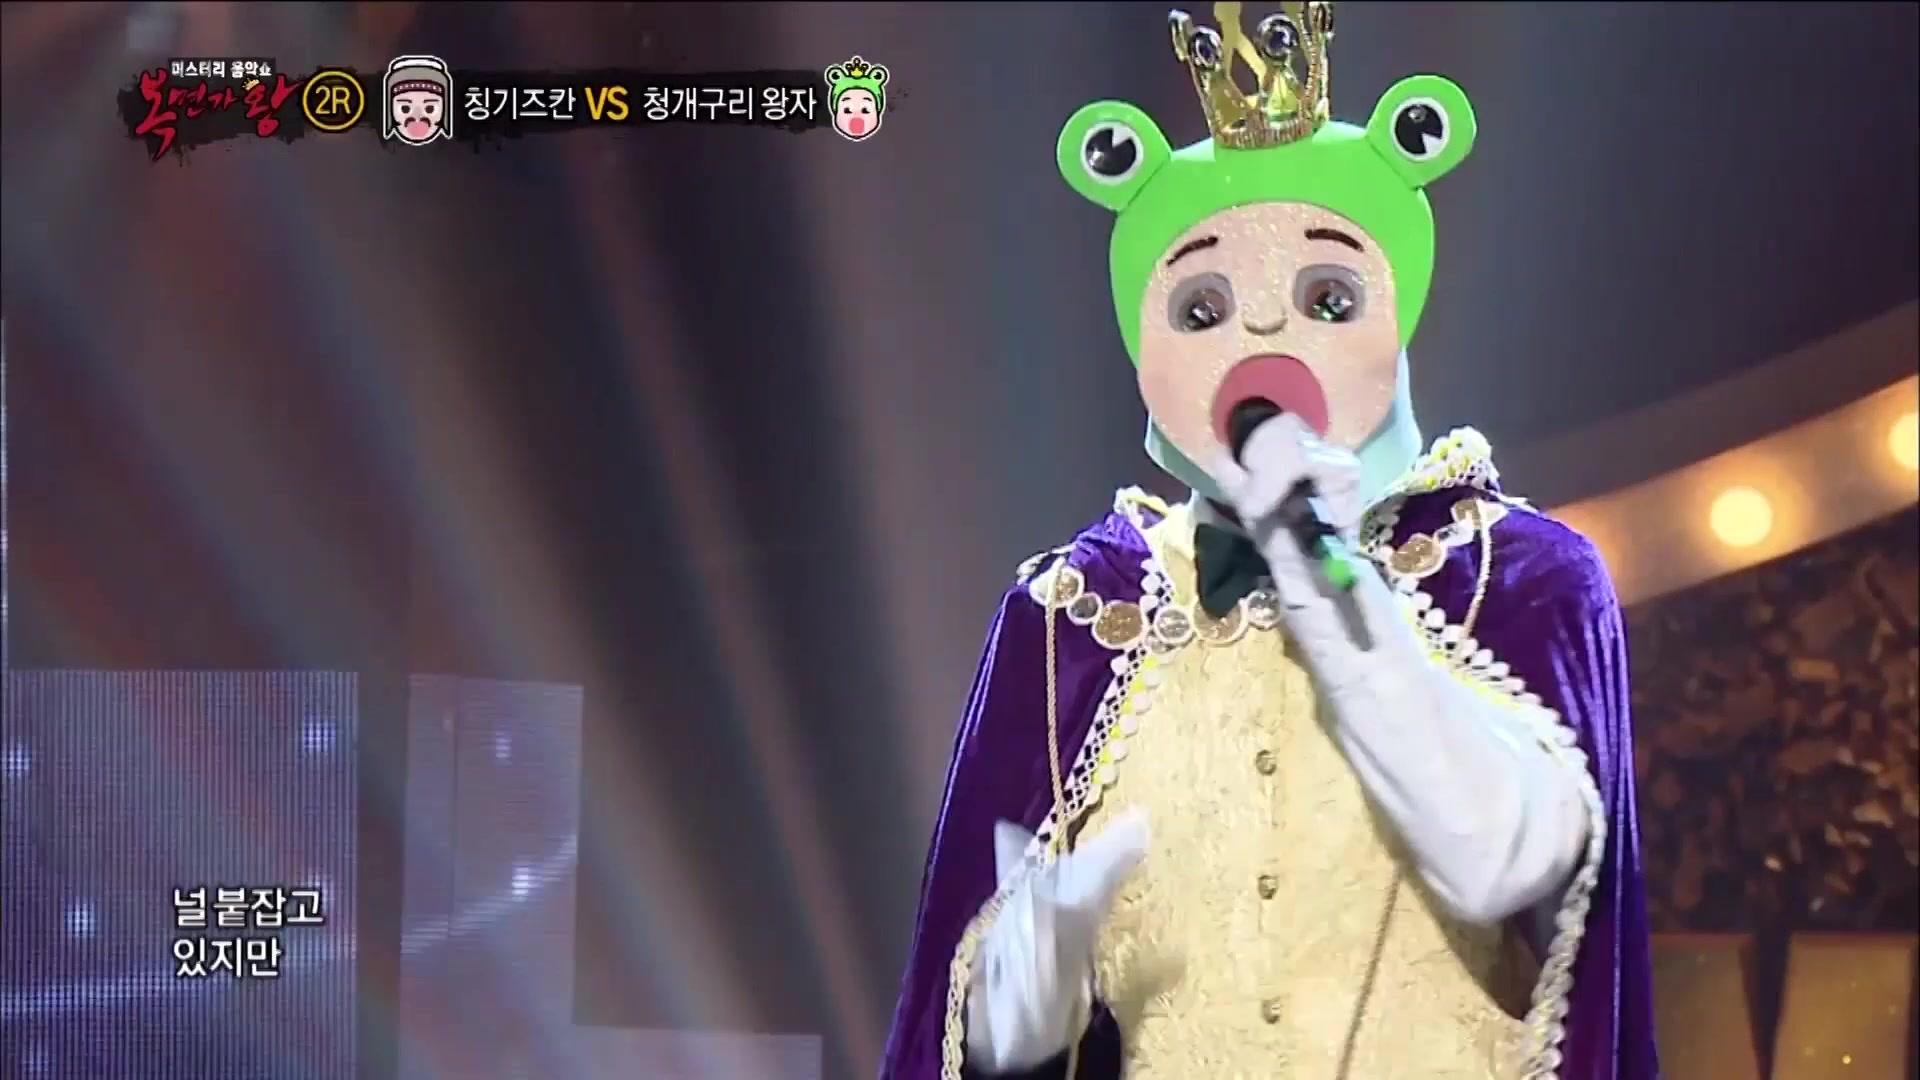 King of Masked Singer Episode 126